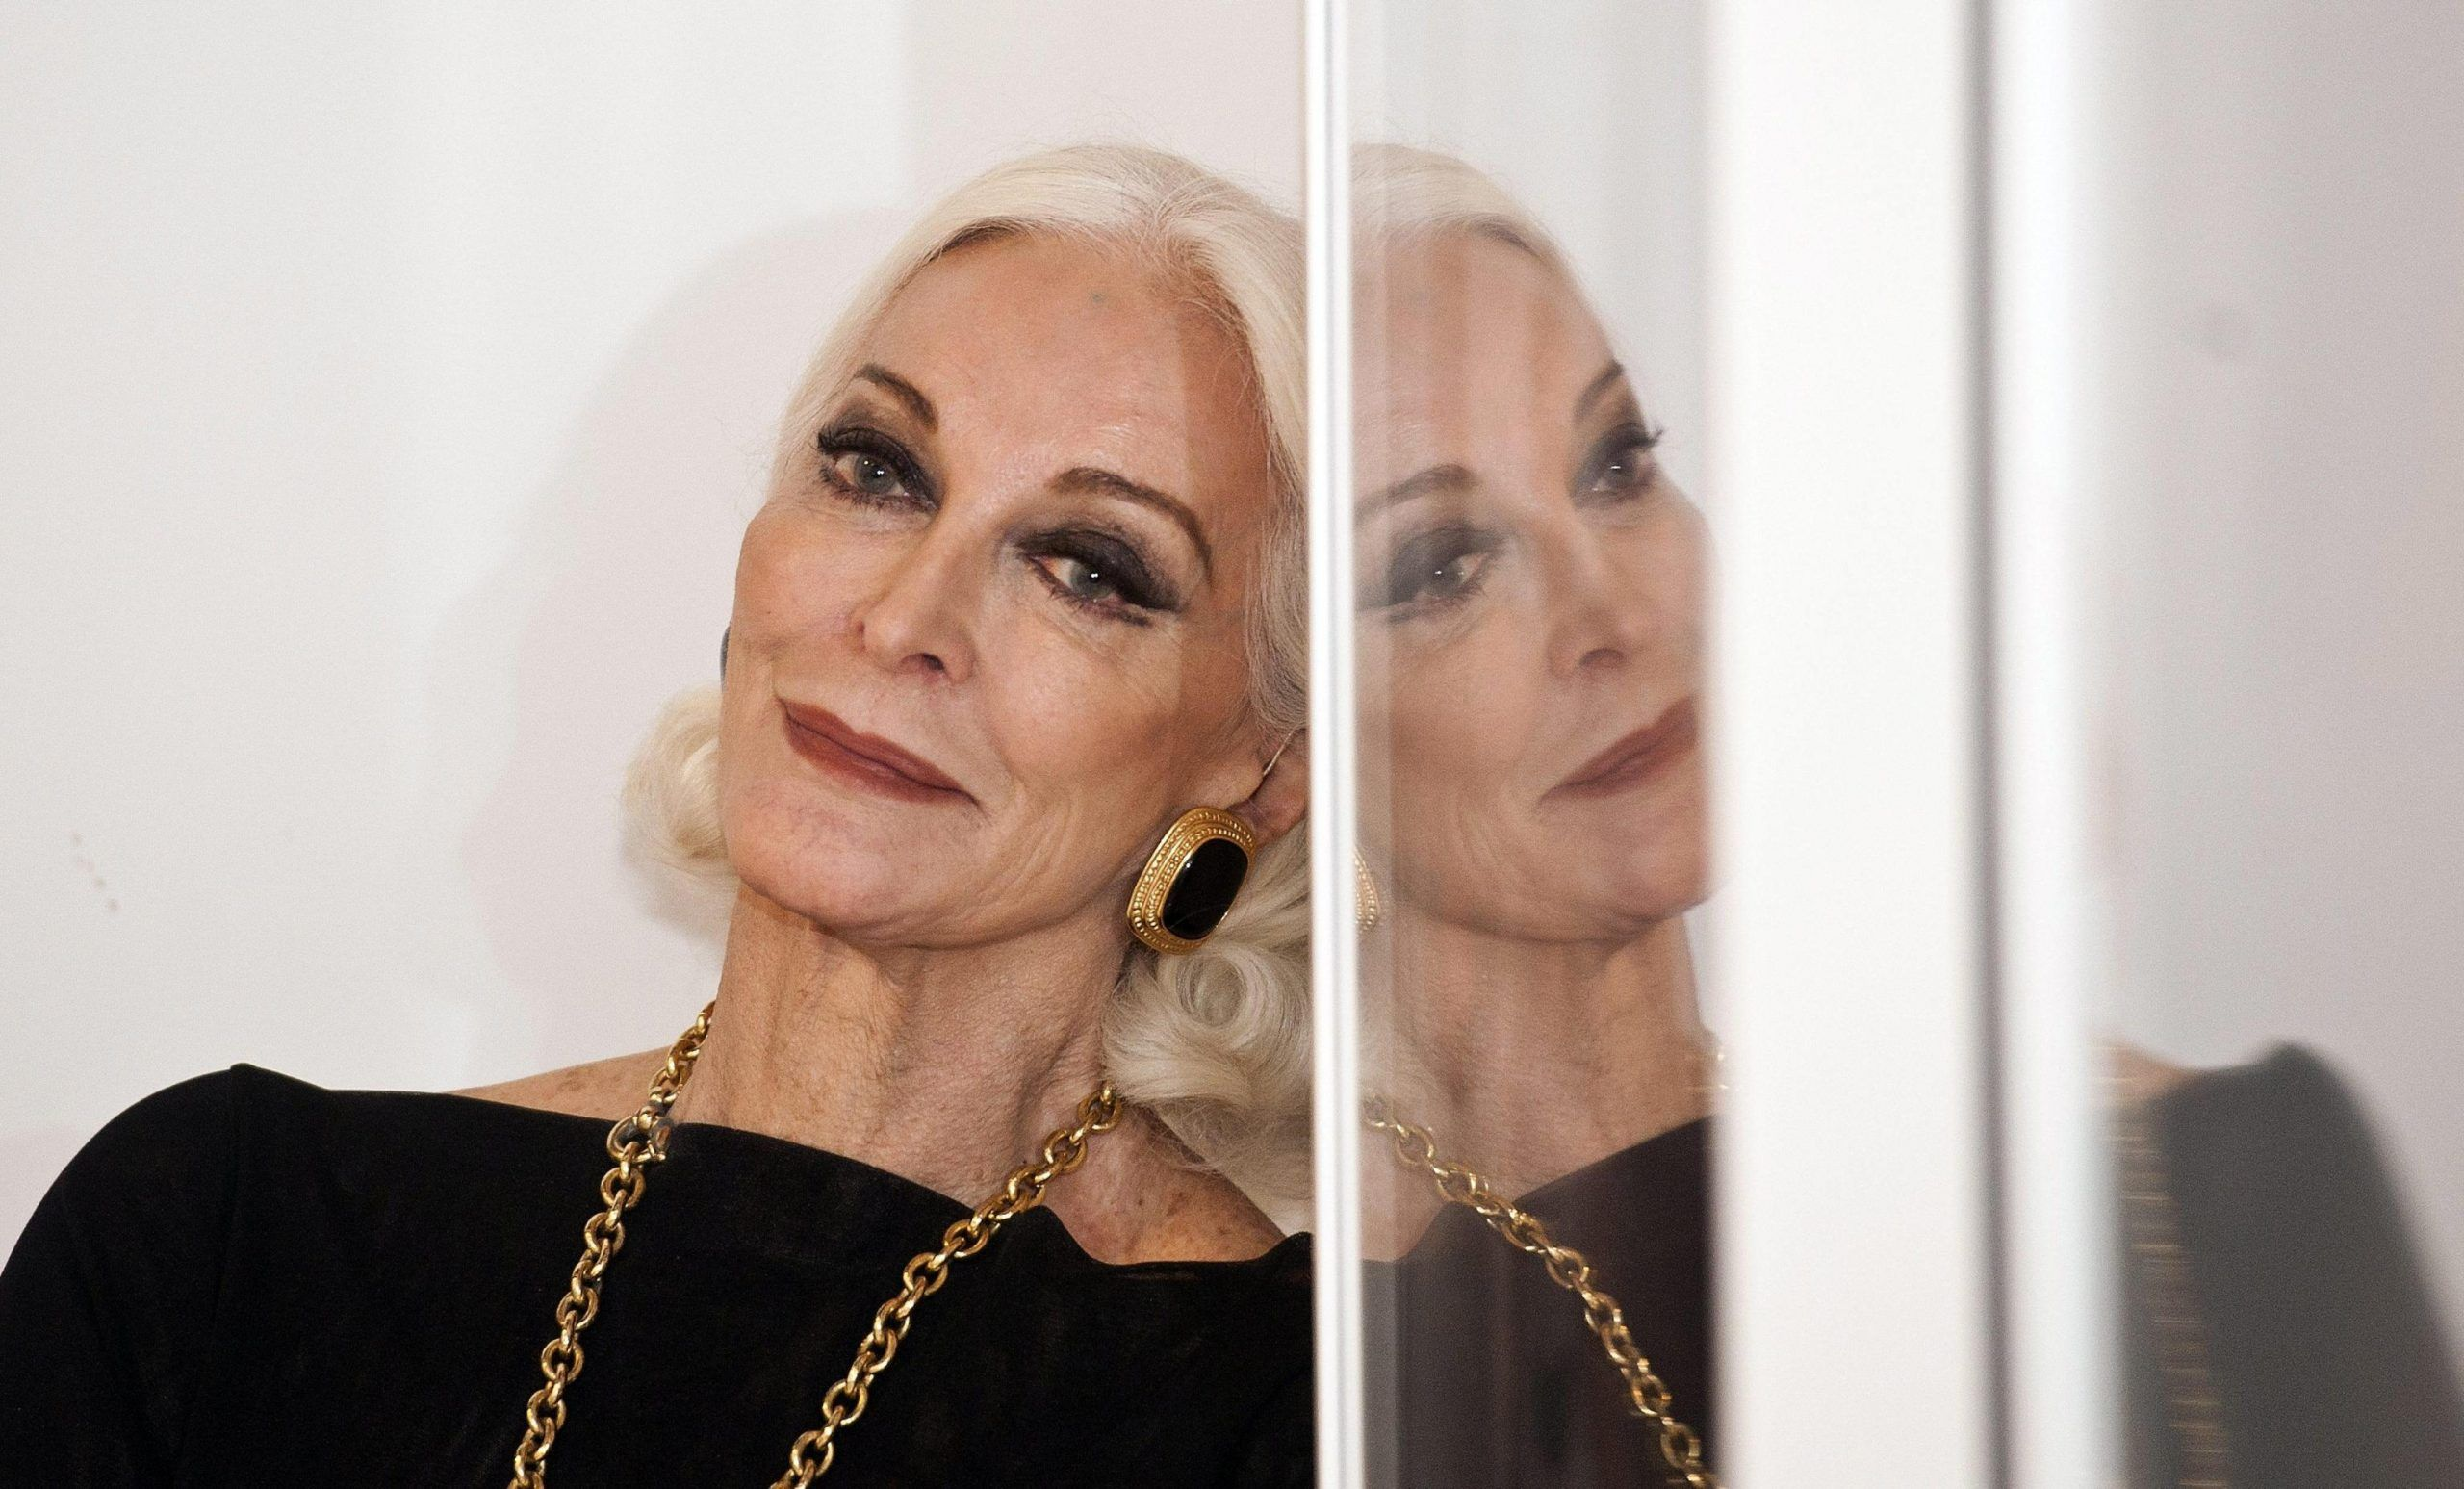 Modelle over 60 più belle del mondo: quando la bellezza non ha età